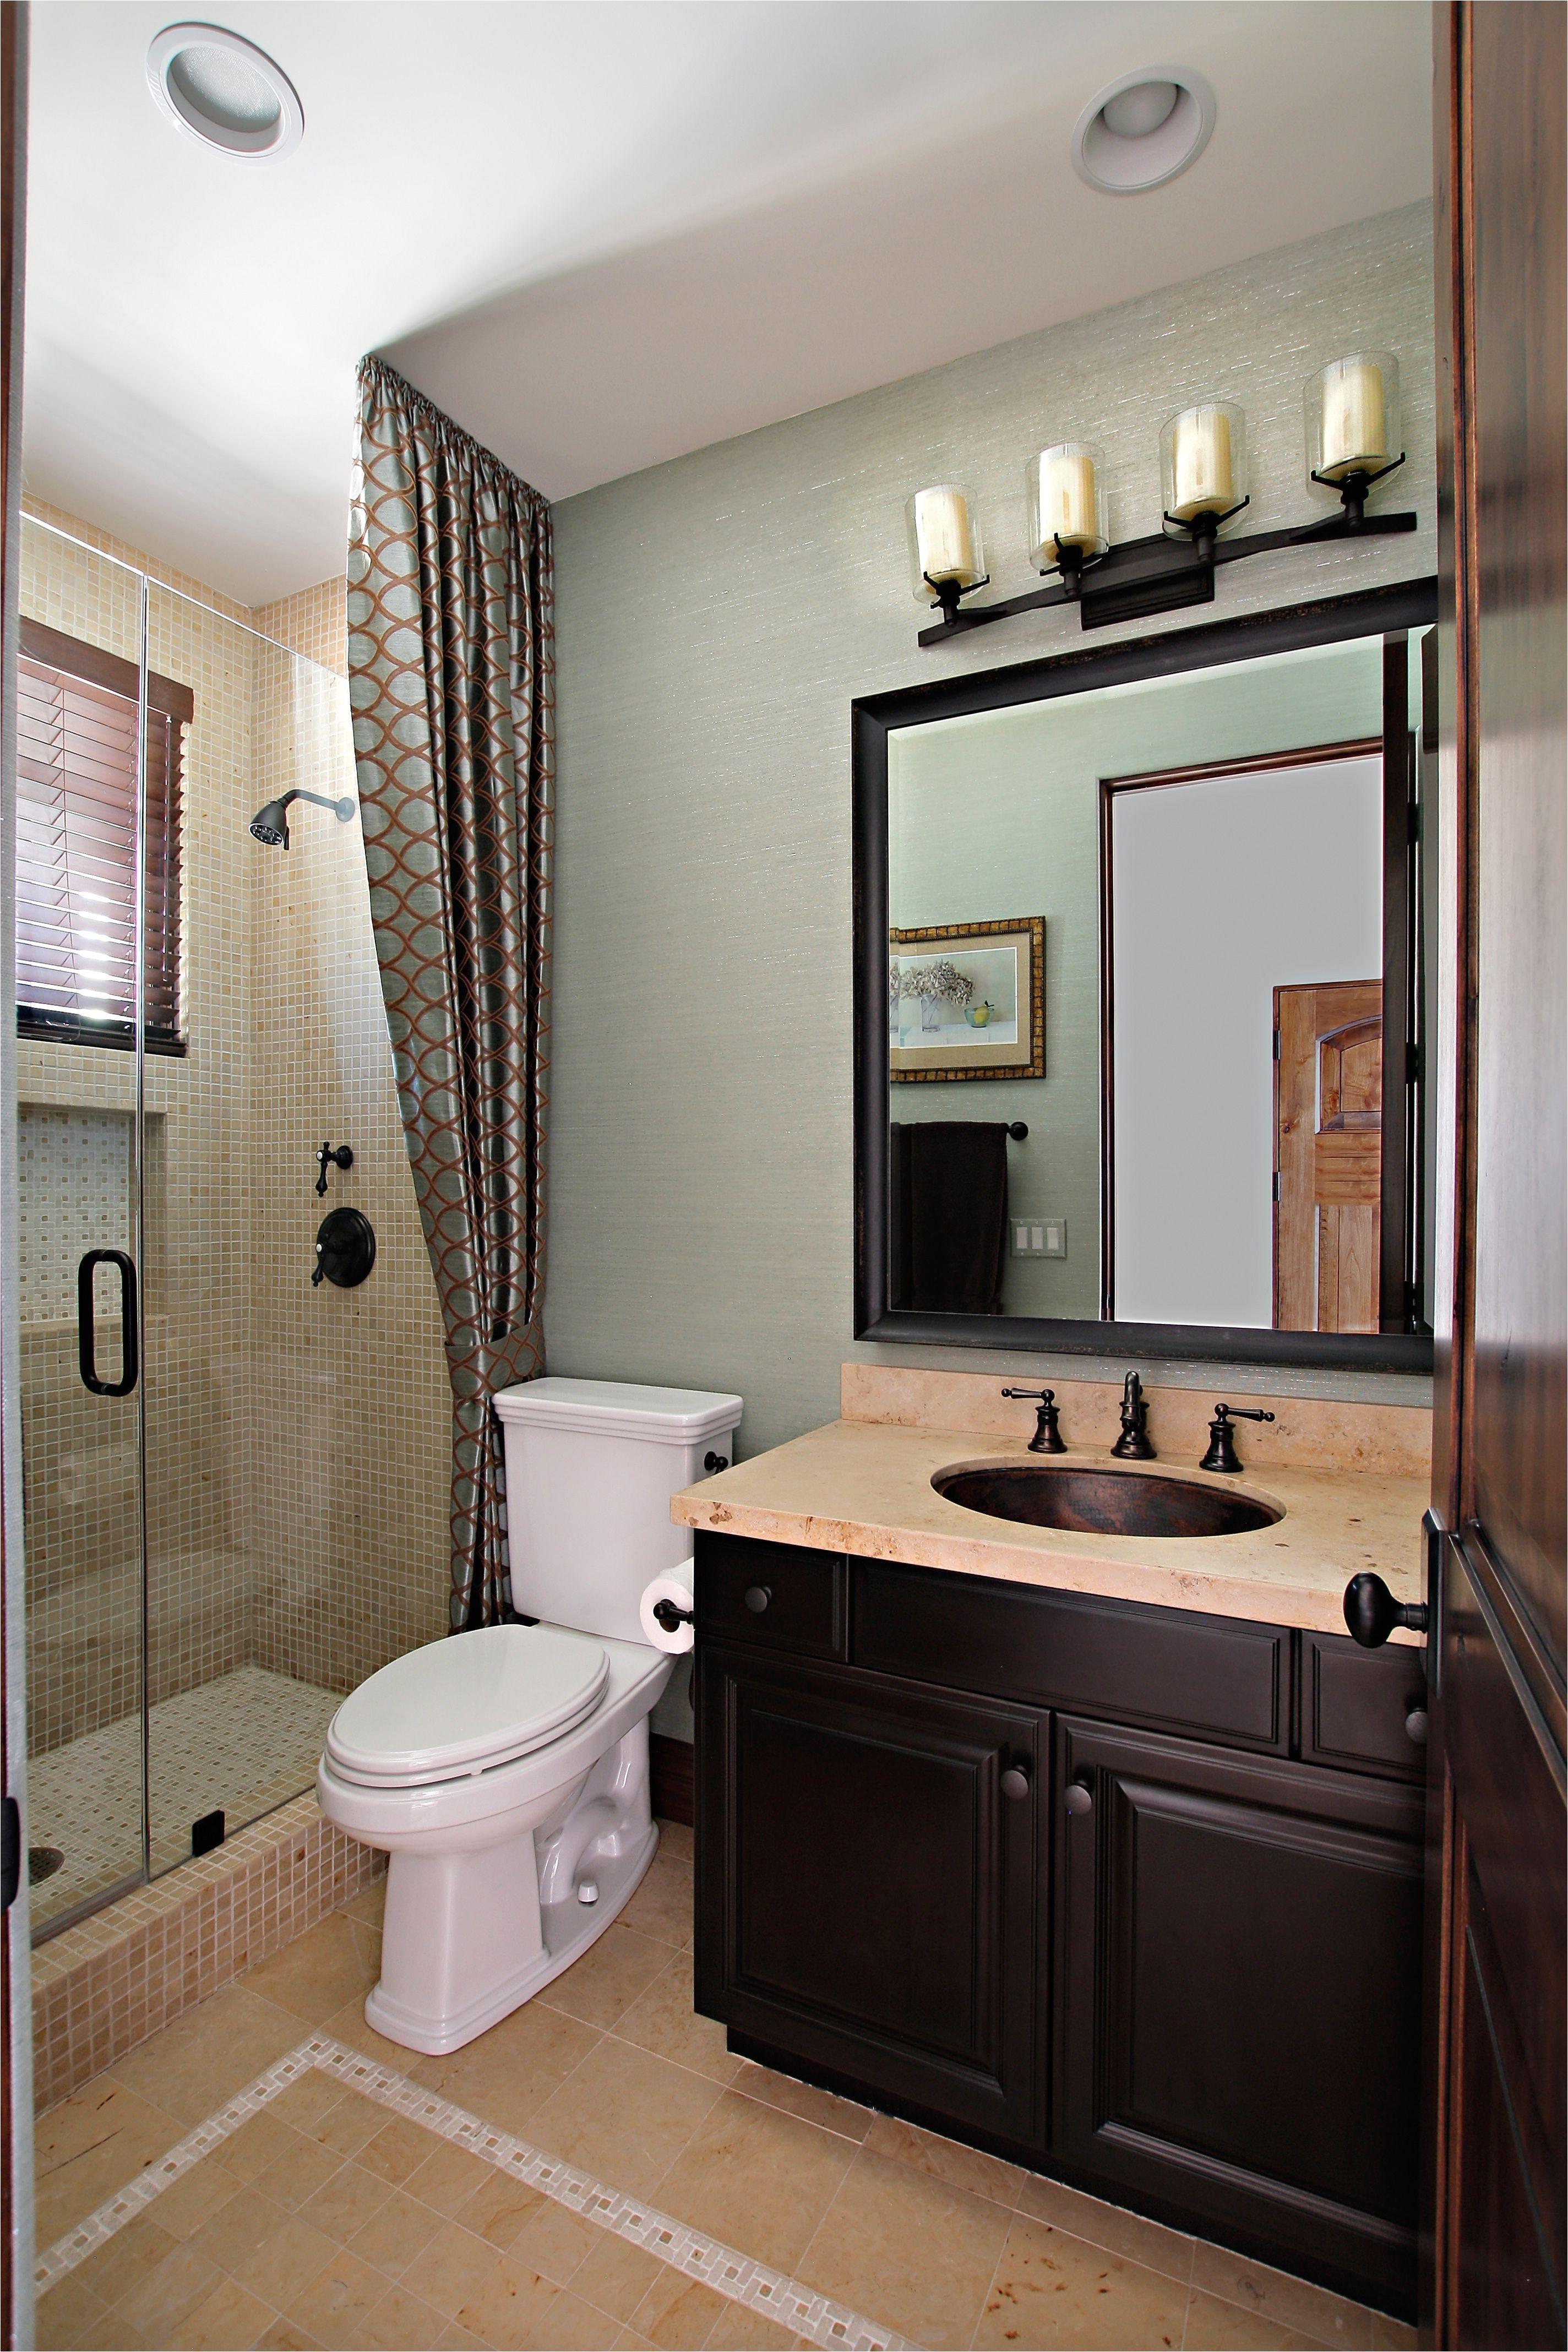 Green Exterior Design With Extra Tub Shower Ideas For Small Bathrooms I Pinimg Originals 8e 04